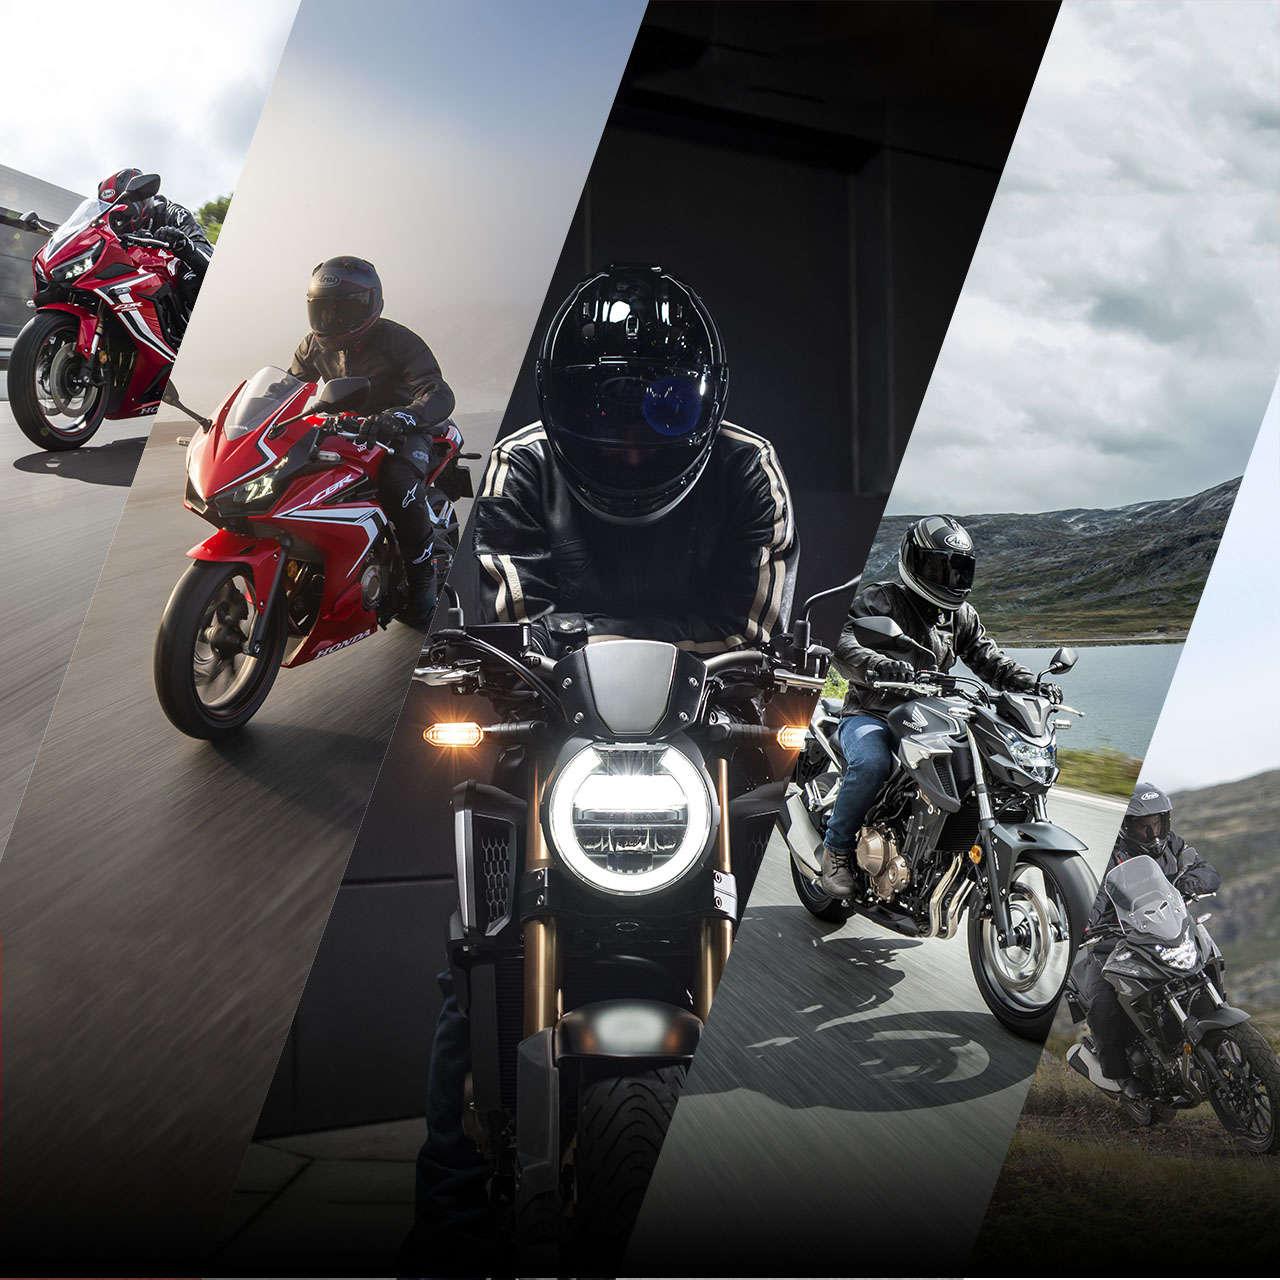 62a8318e84e Motos 2019 - Gamme - Motos - Honda